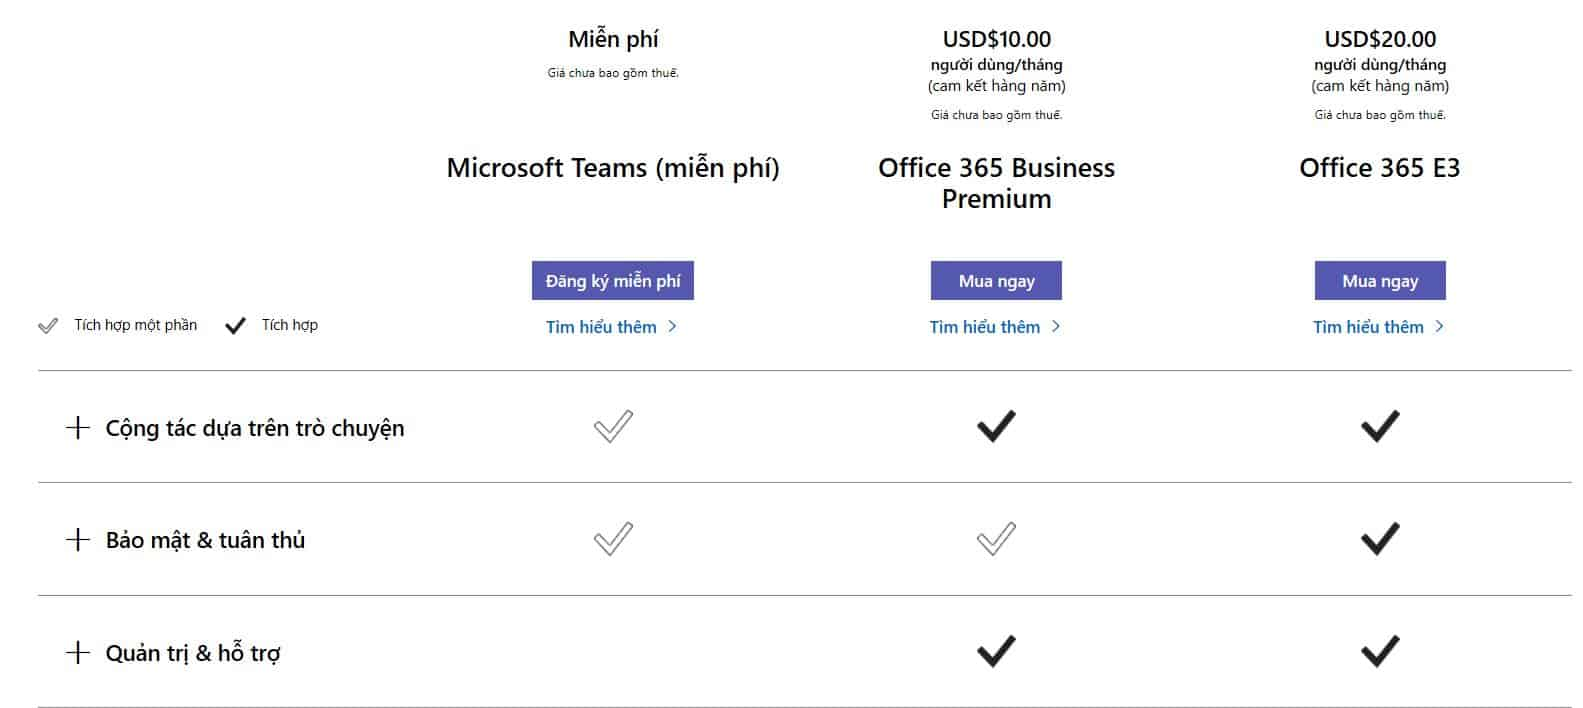 Các gói để khách hàng có Microsoft Teams